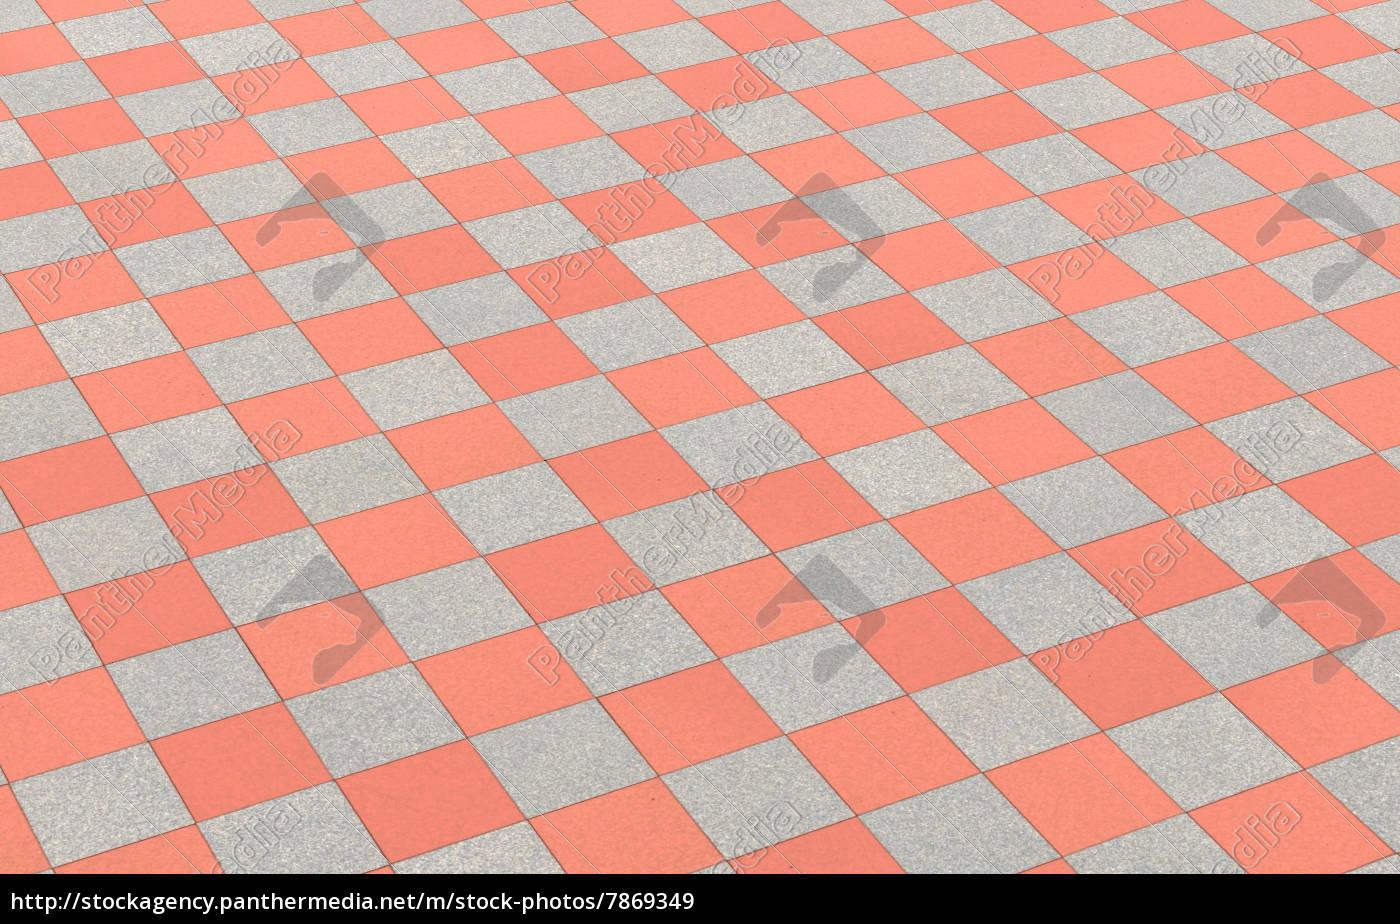 Schachmuster Bodenfliesen Rot Grau Lizenzfreies Bild 7869349